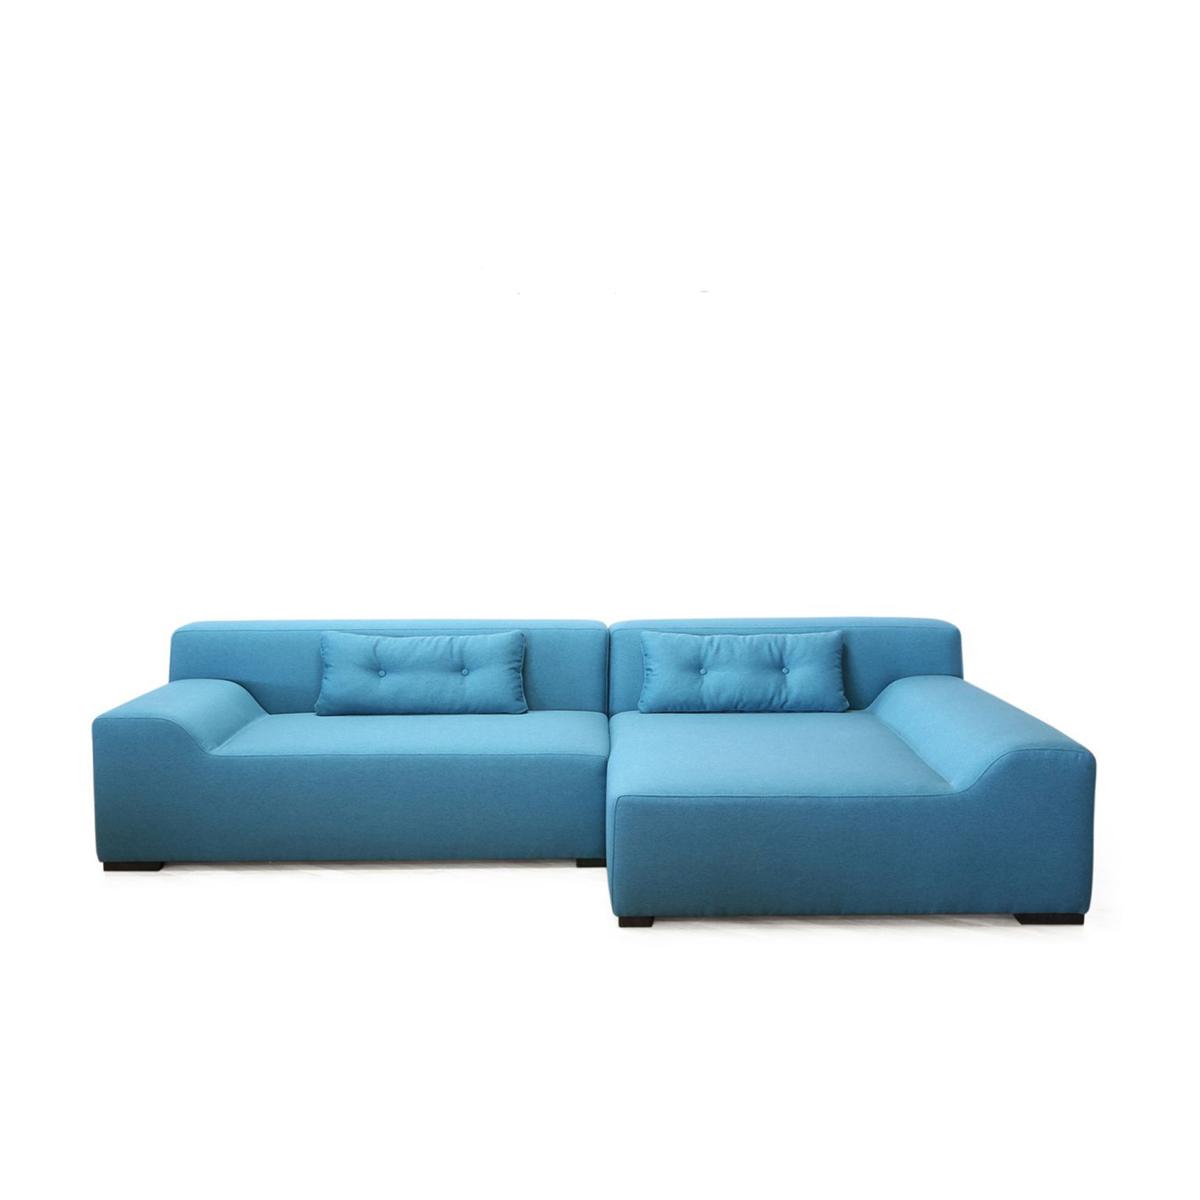 mailand designer eckgarnitur bei moebel trend 24 moebel trend 24. Black Bedroom Furniture Sets. Home Design Ideas